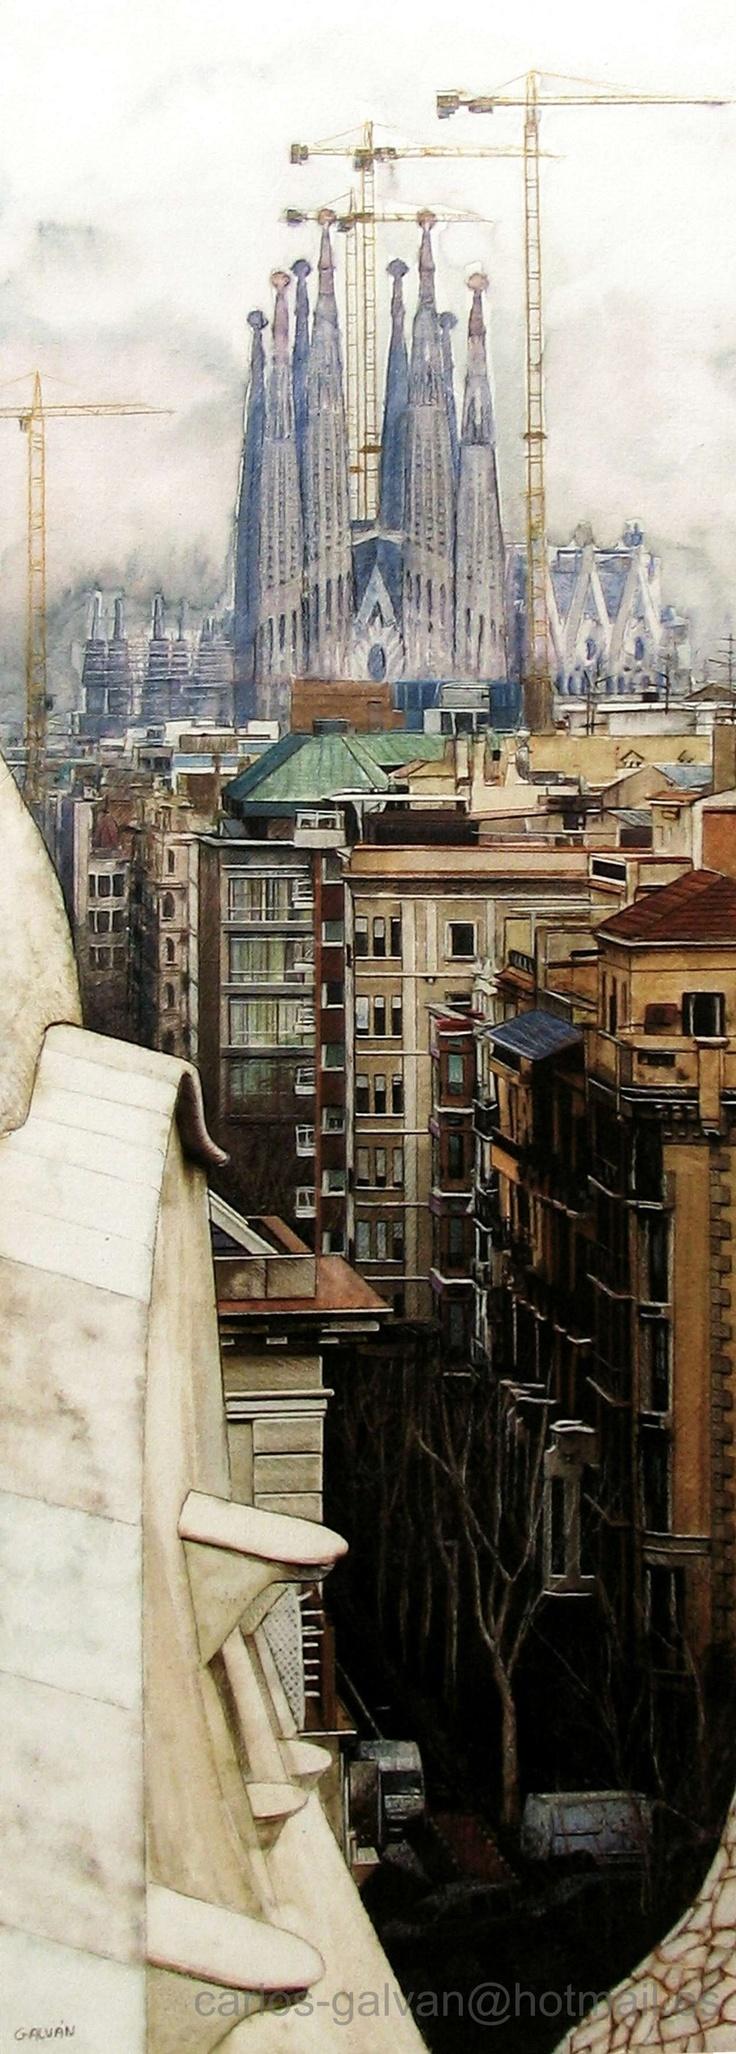 """Spain -  """"La Sagrada Familia"""" by Carlos Galván"""